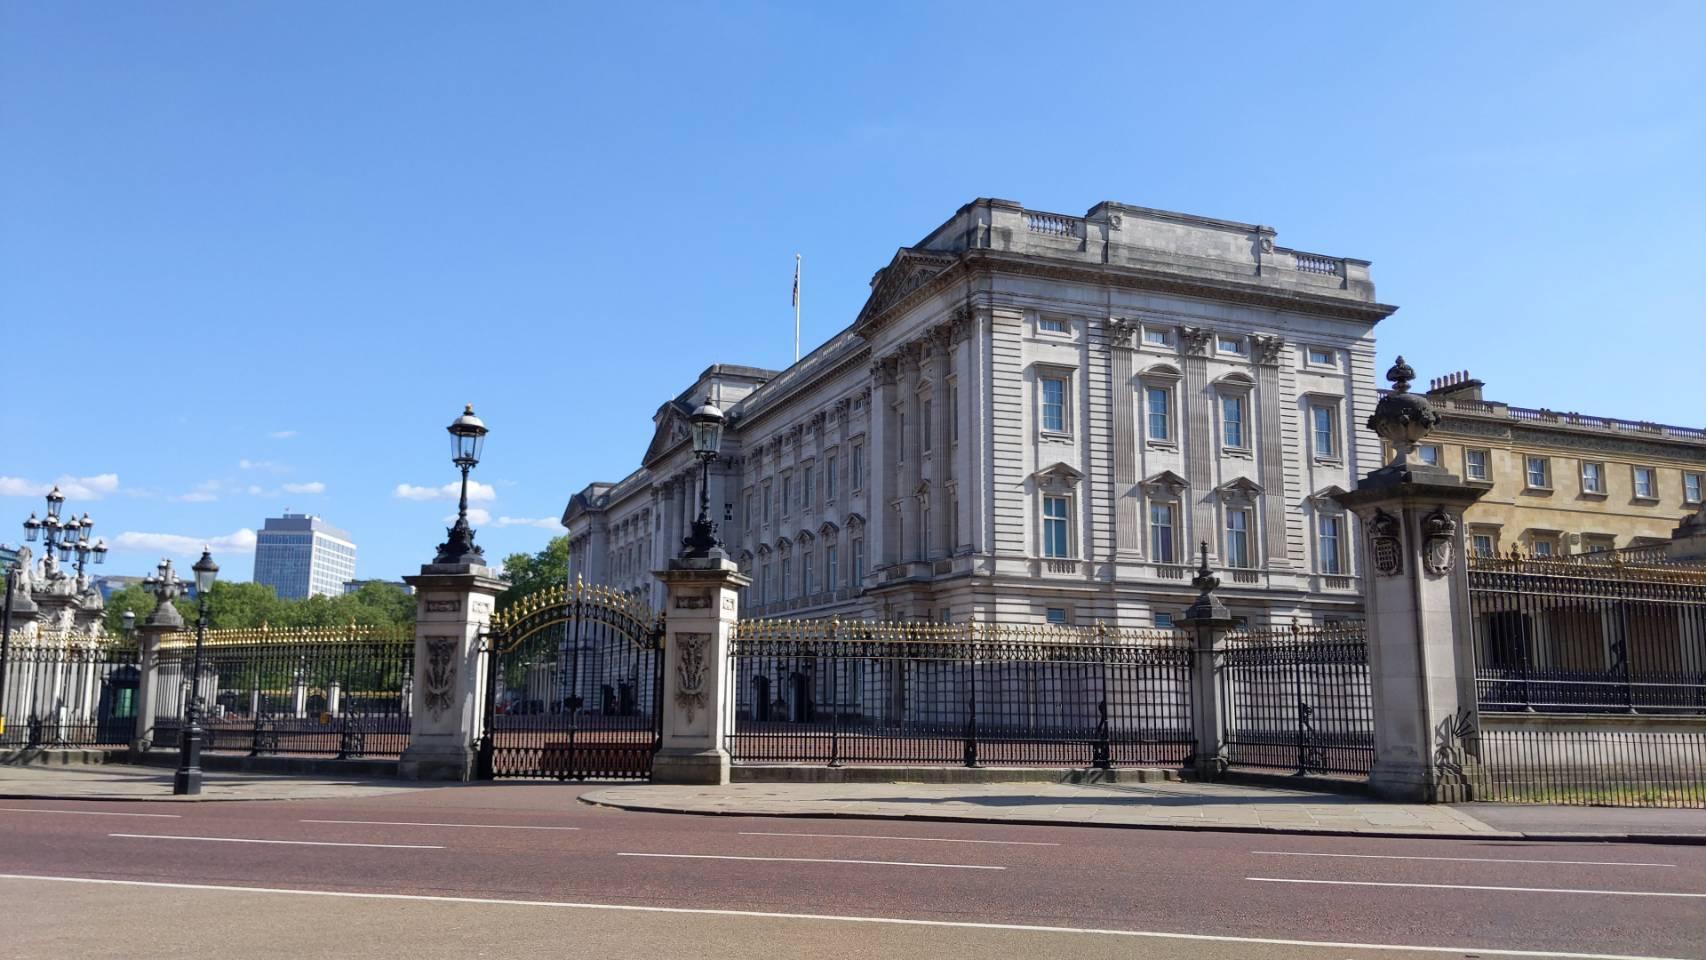 バッキンガム宮殿付近を自転車で_f0380234_00513714.jpg